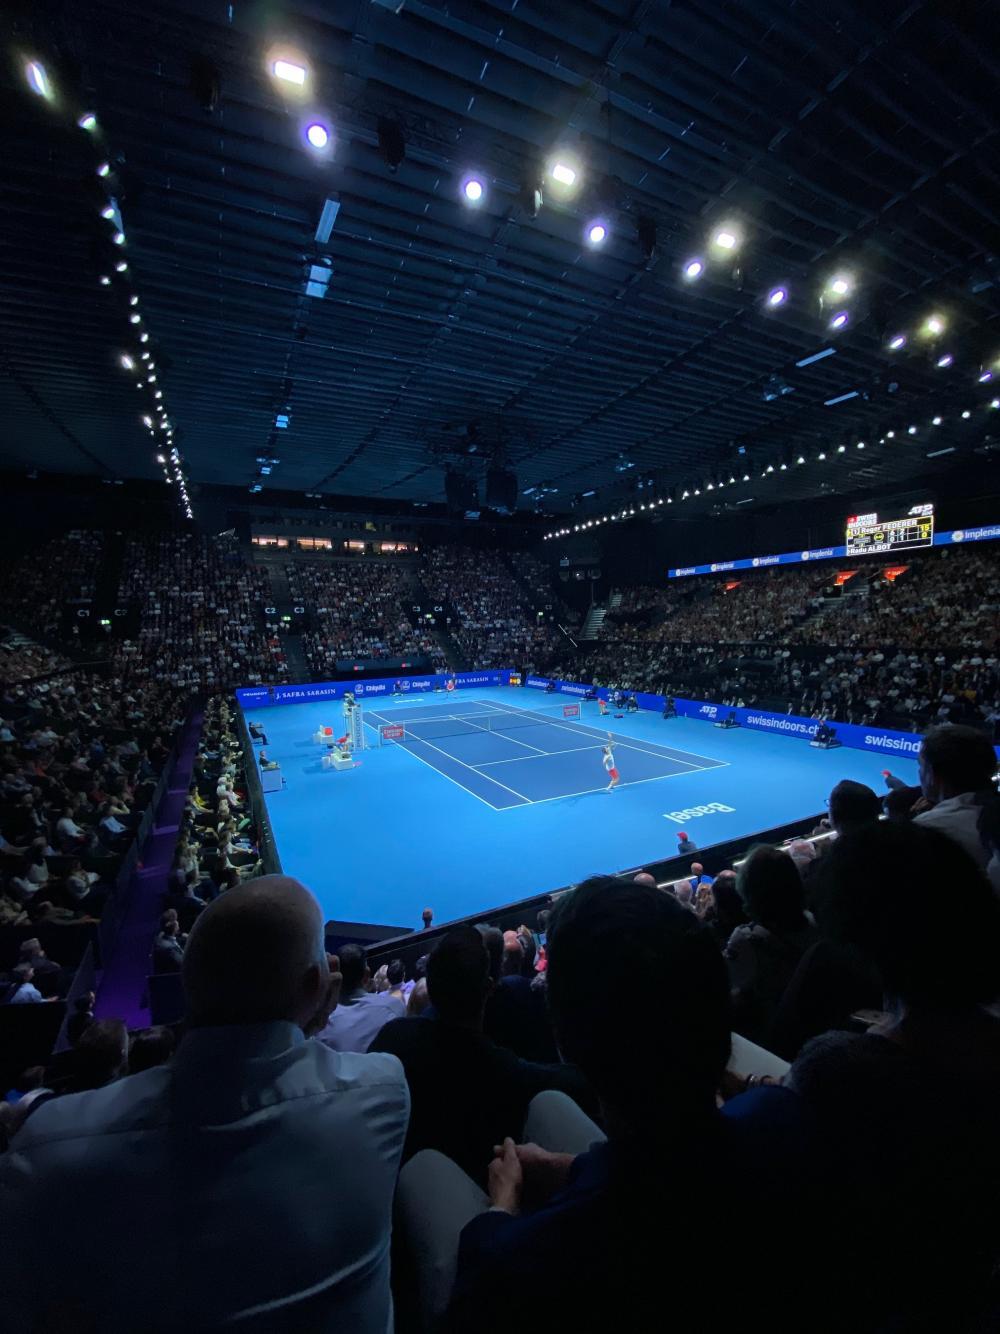 Während das Schweizer Unternehmen Rado mit Hightech-Diamanten im Tennisdorf auf sich aufmerksam macht, besticht Roger Federer als Schweizer Tennis-Diament auf dem Court.